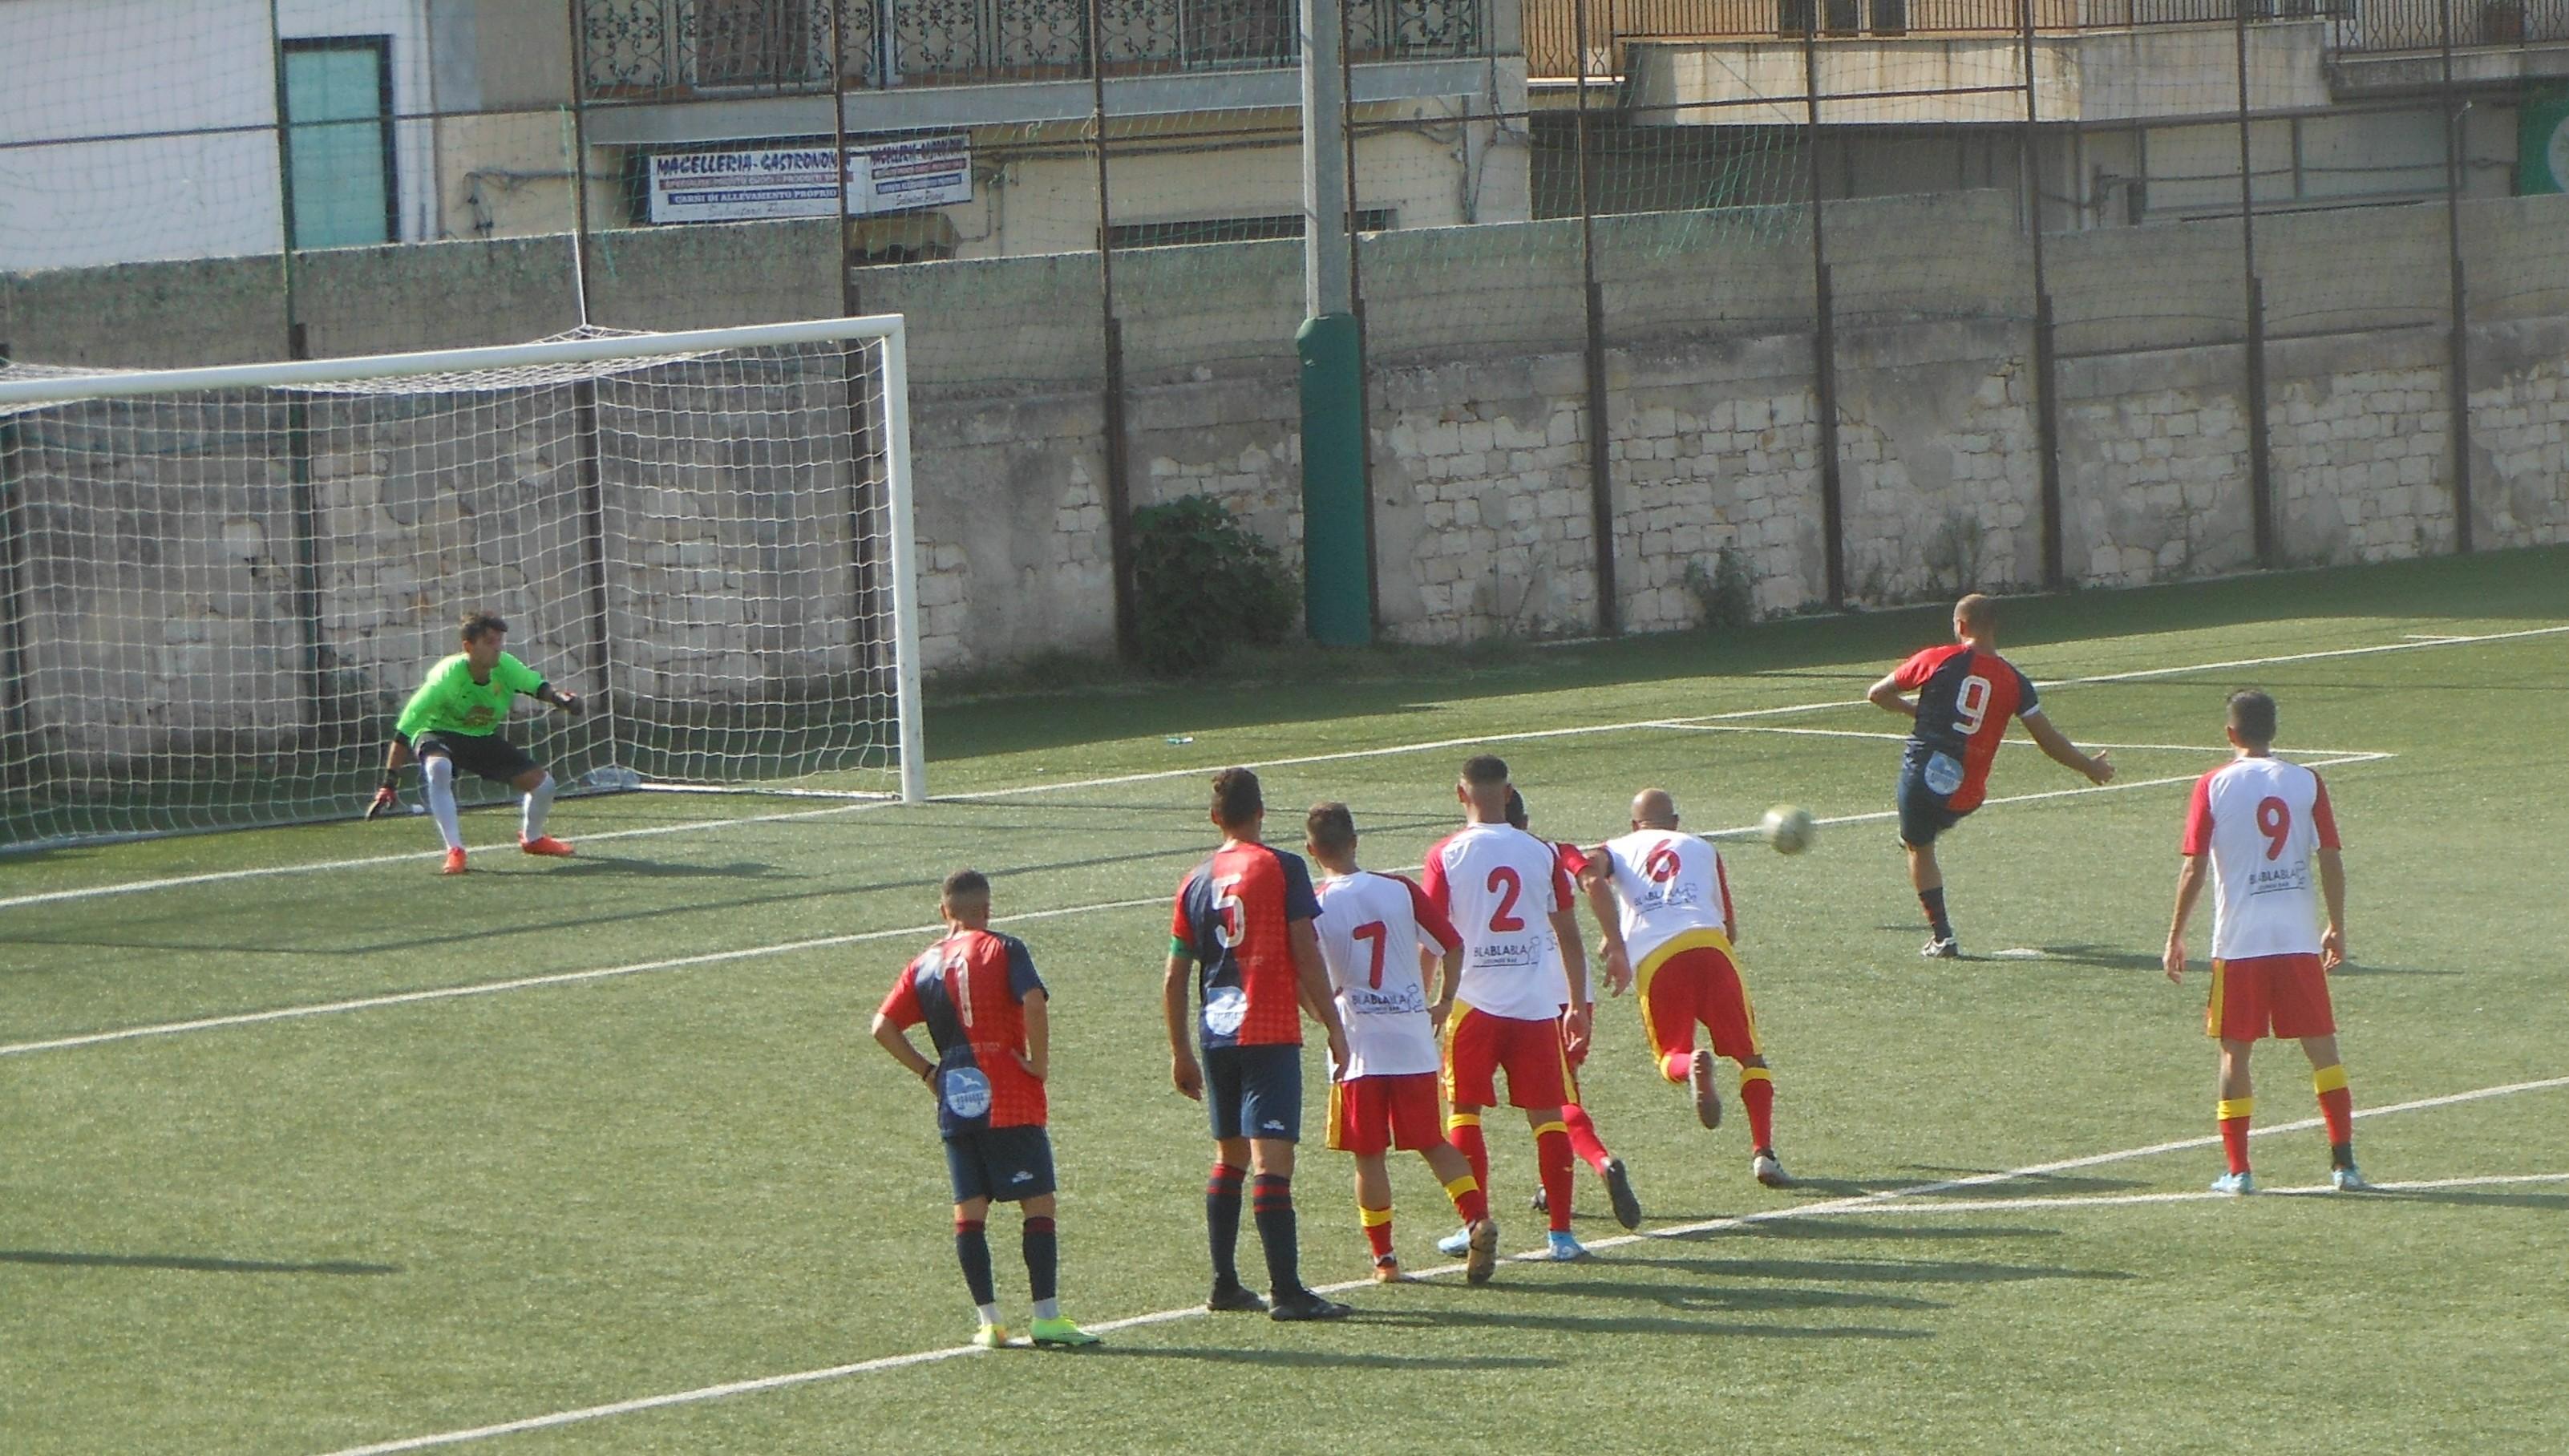 Calcio, Coppa Italia Promozione: il Modica si impone al Canicattini ( 2 a 0 ) con reti di Vicari e Iurato. Il Frigintini battuto a Vittoria, doppietta di Rizzo